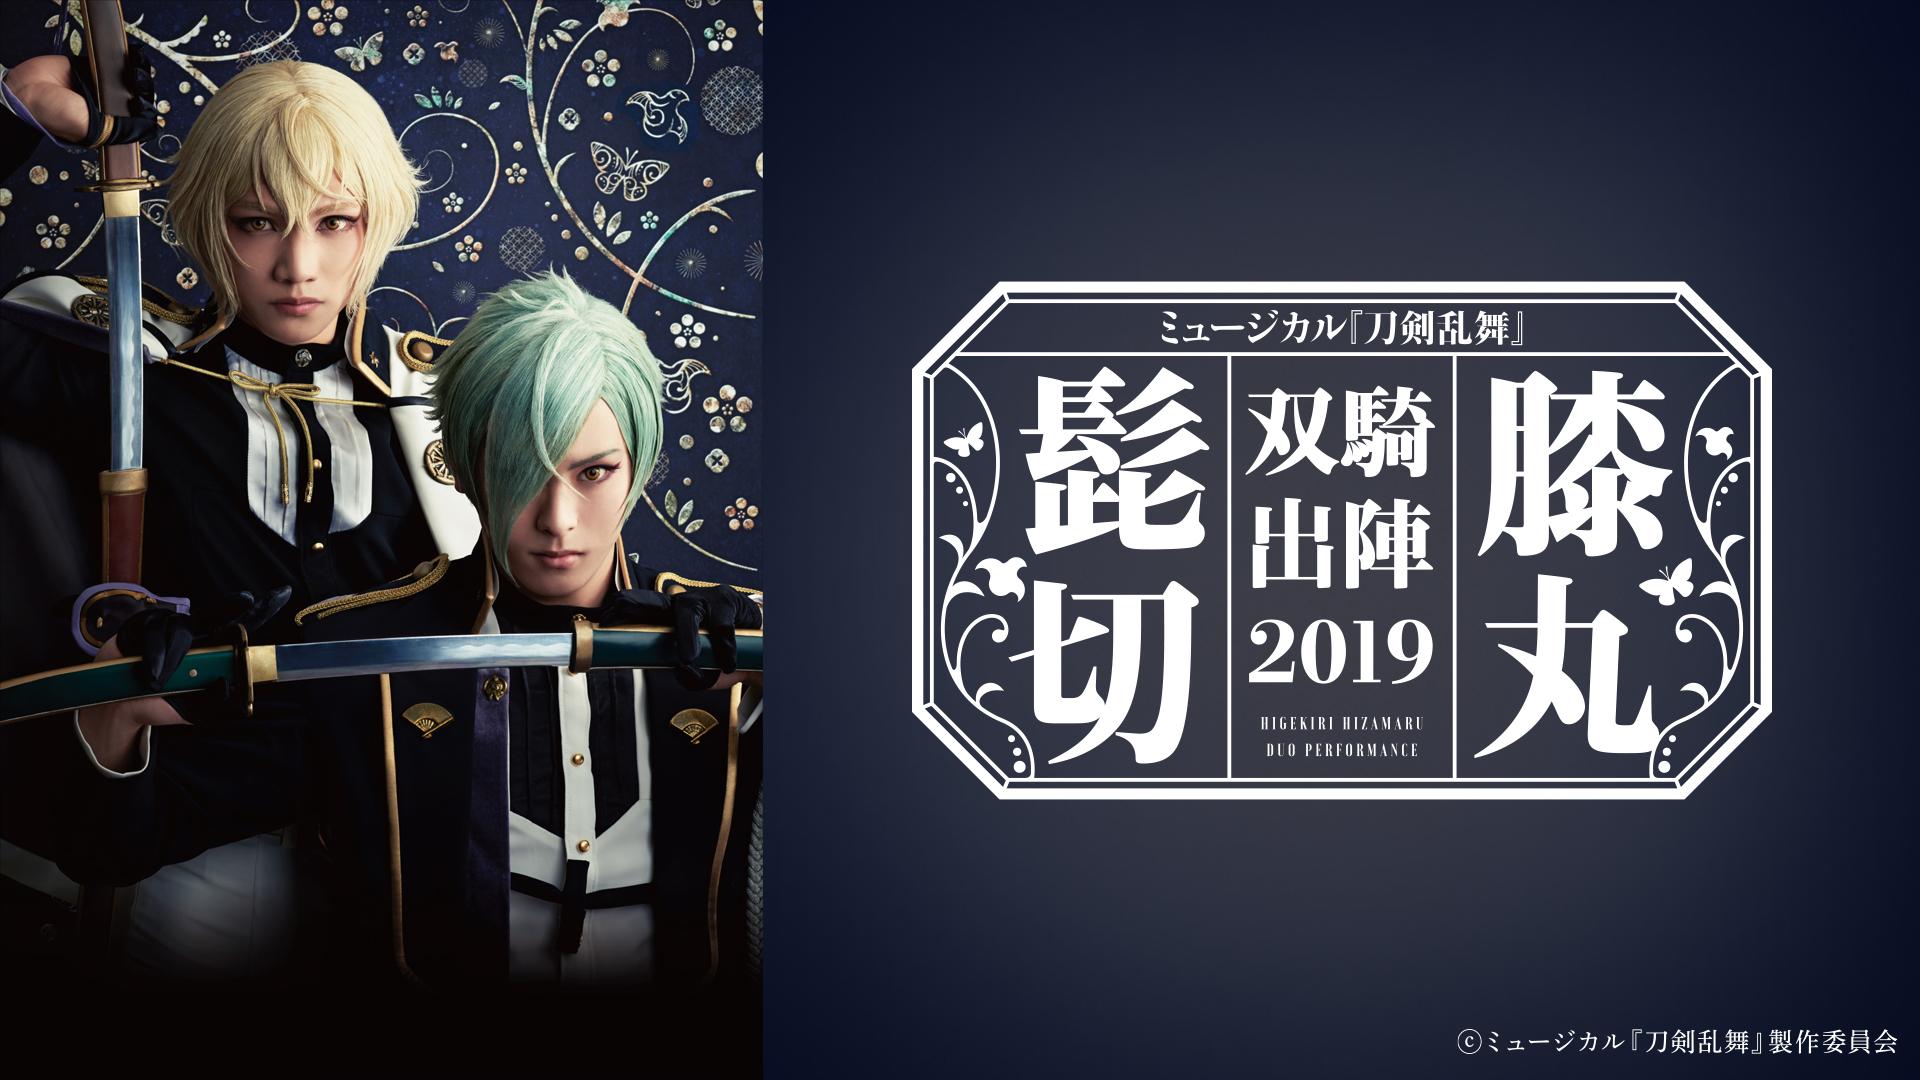 ミュージカル『刀剣乱舞』 髭切膝丸 双騎出陣2019 ~SOGA~(dアニメストア)